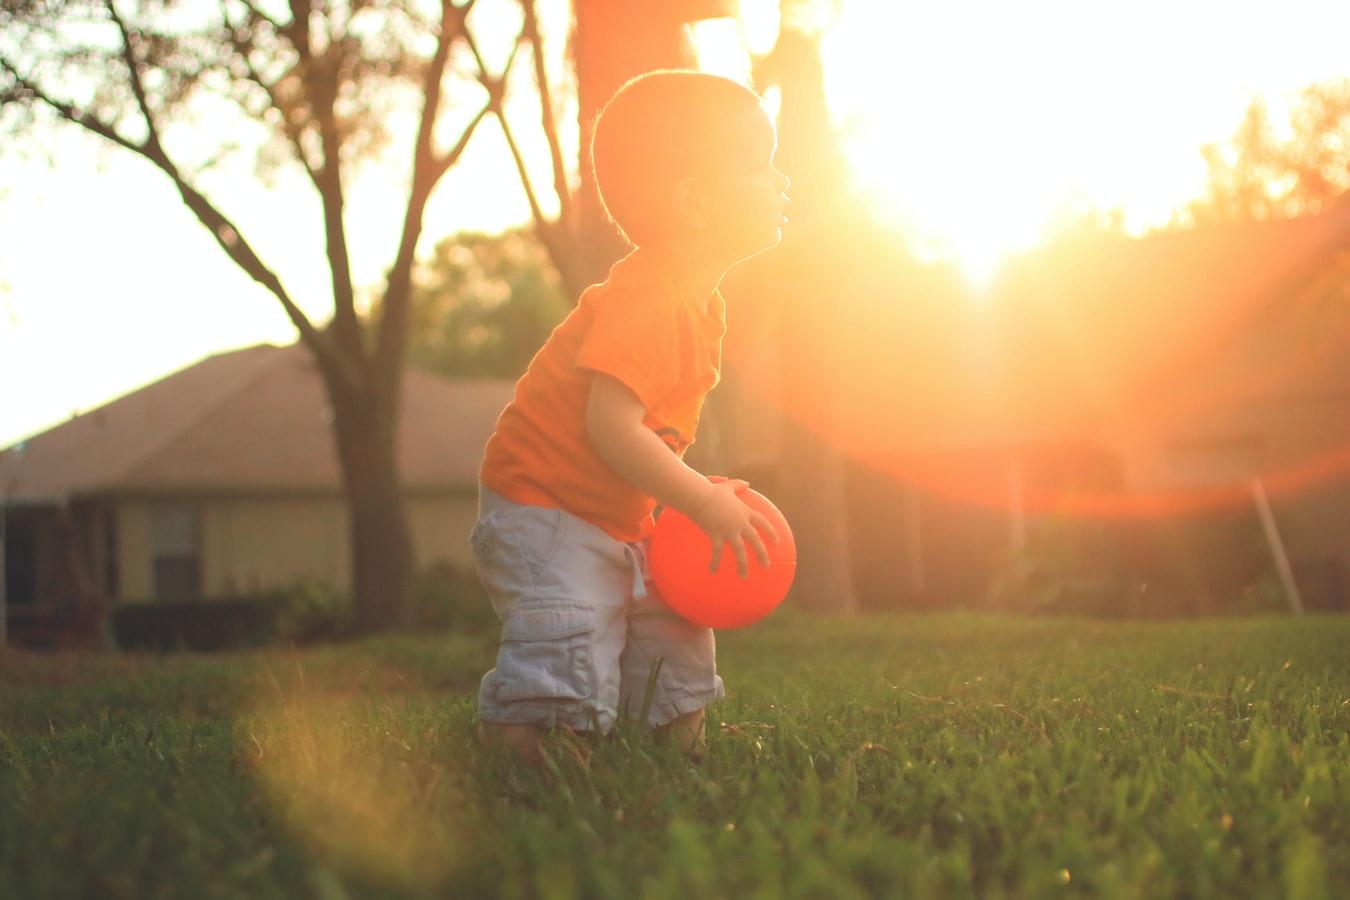 Deti si najlepšie rozvíjajú hrubú motoriku v pohybe vonku. / Zdroj: Unsplash